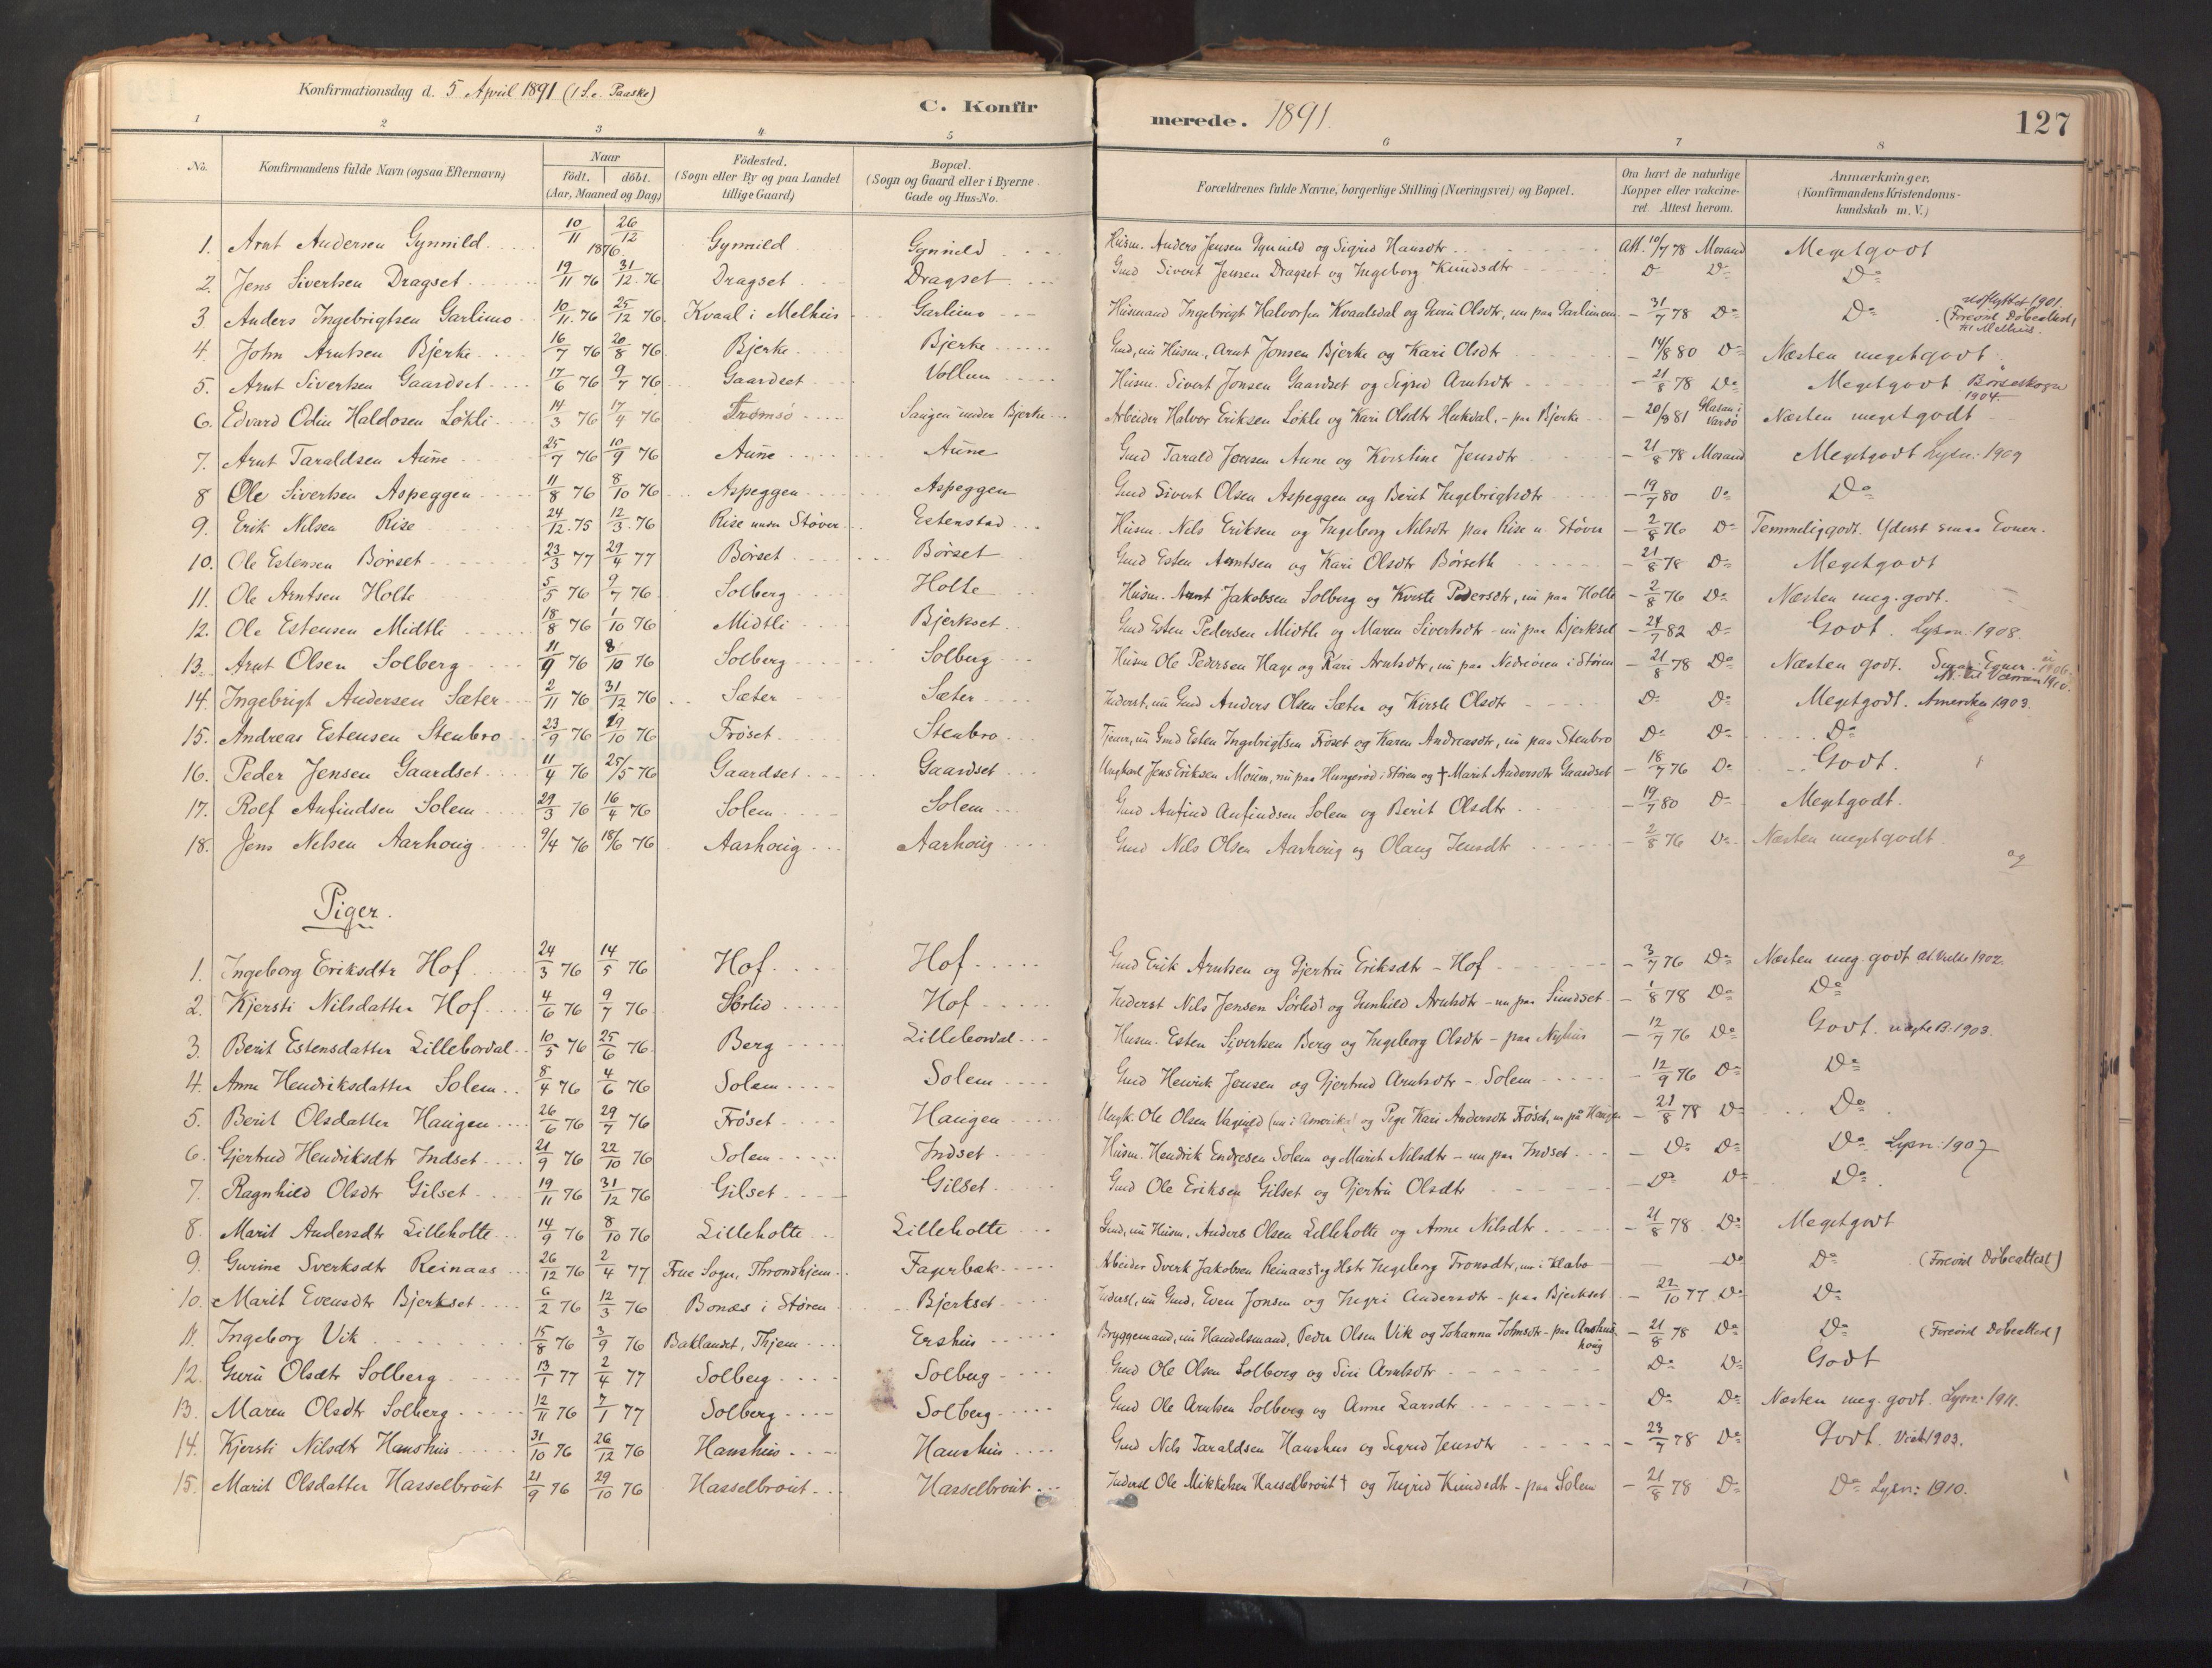 SAT, Ministerialprotokoller, klokkerbøker og fødselsregistre - Sør-Trøndelag, 689/L1041: Ministerialbok nr. 689A06, 1891-1923, s. 127